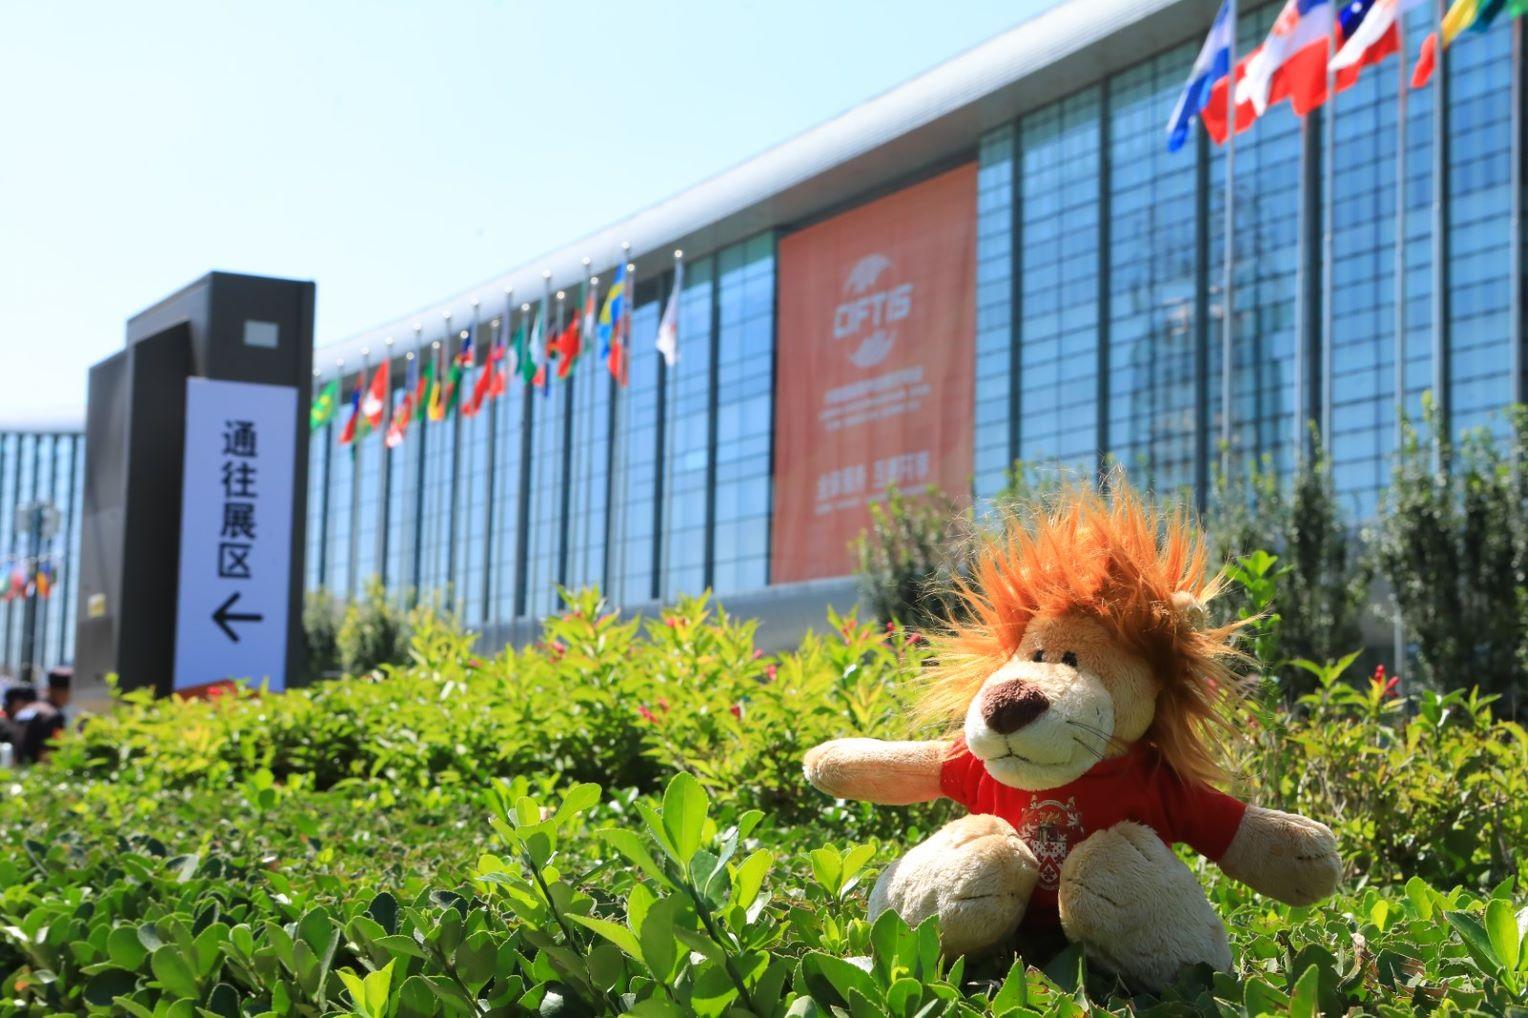 ciftis-4-北京德威英国国际学校-20200914-140121-594